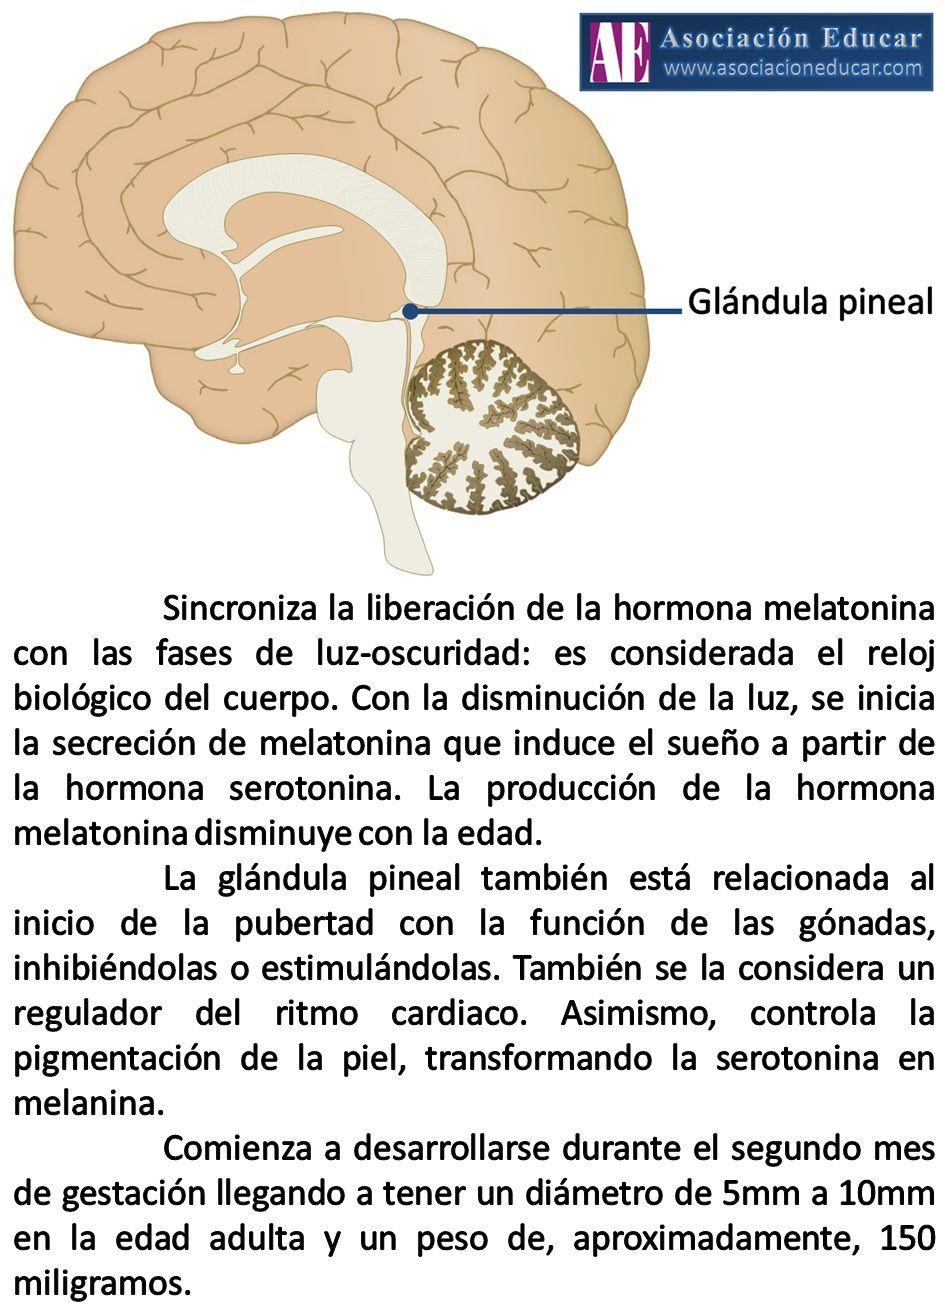 Infografía Neurociencias: Glándula pineal o epífisis. | Asociación ...